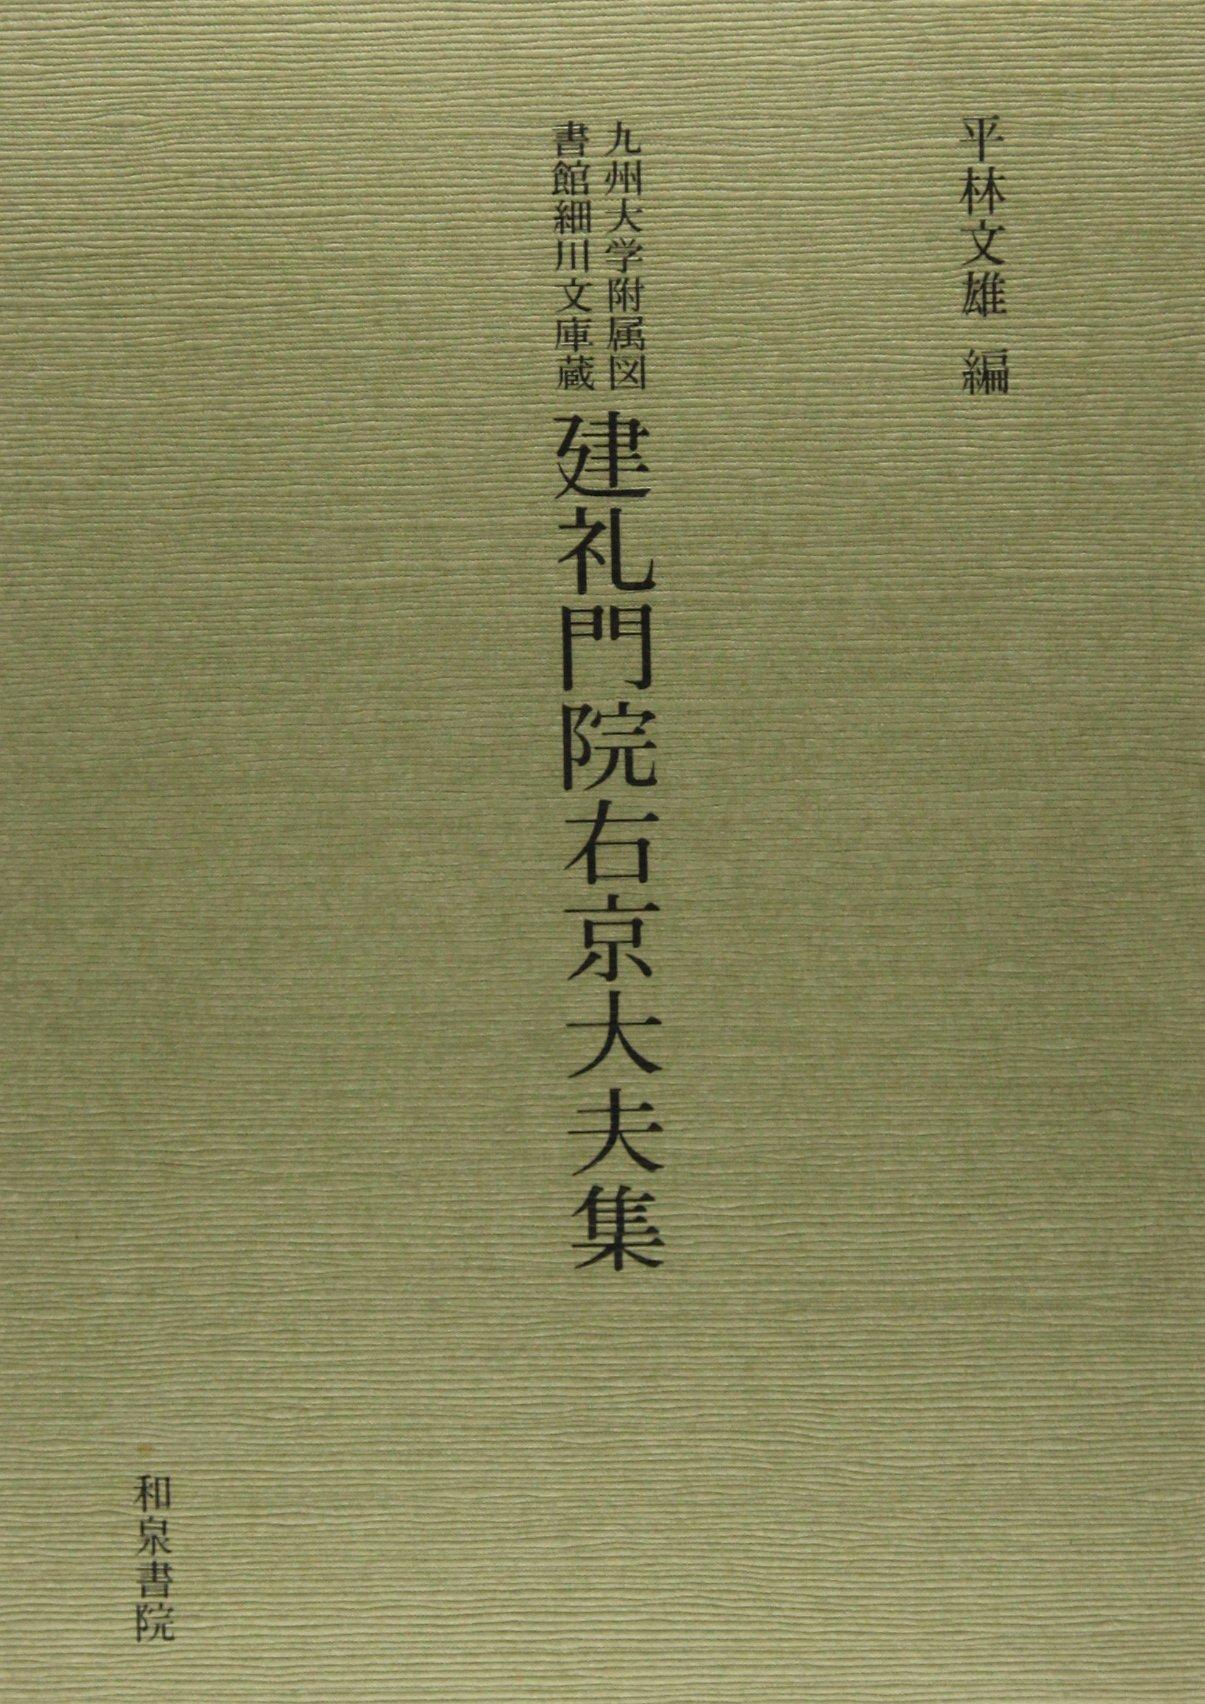 九州大学附属図書館細川文庫蔵建...